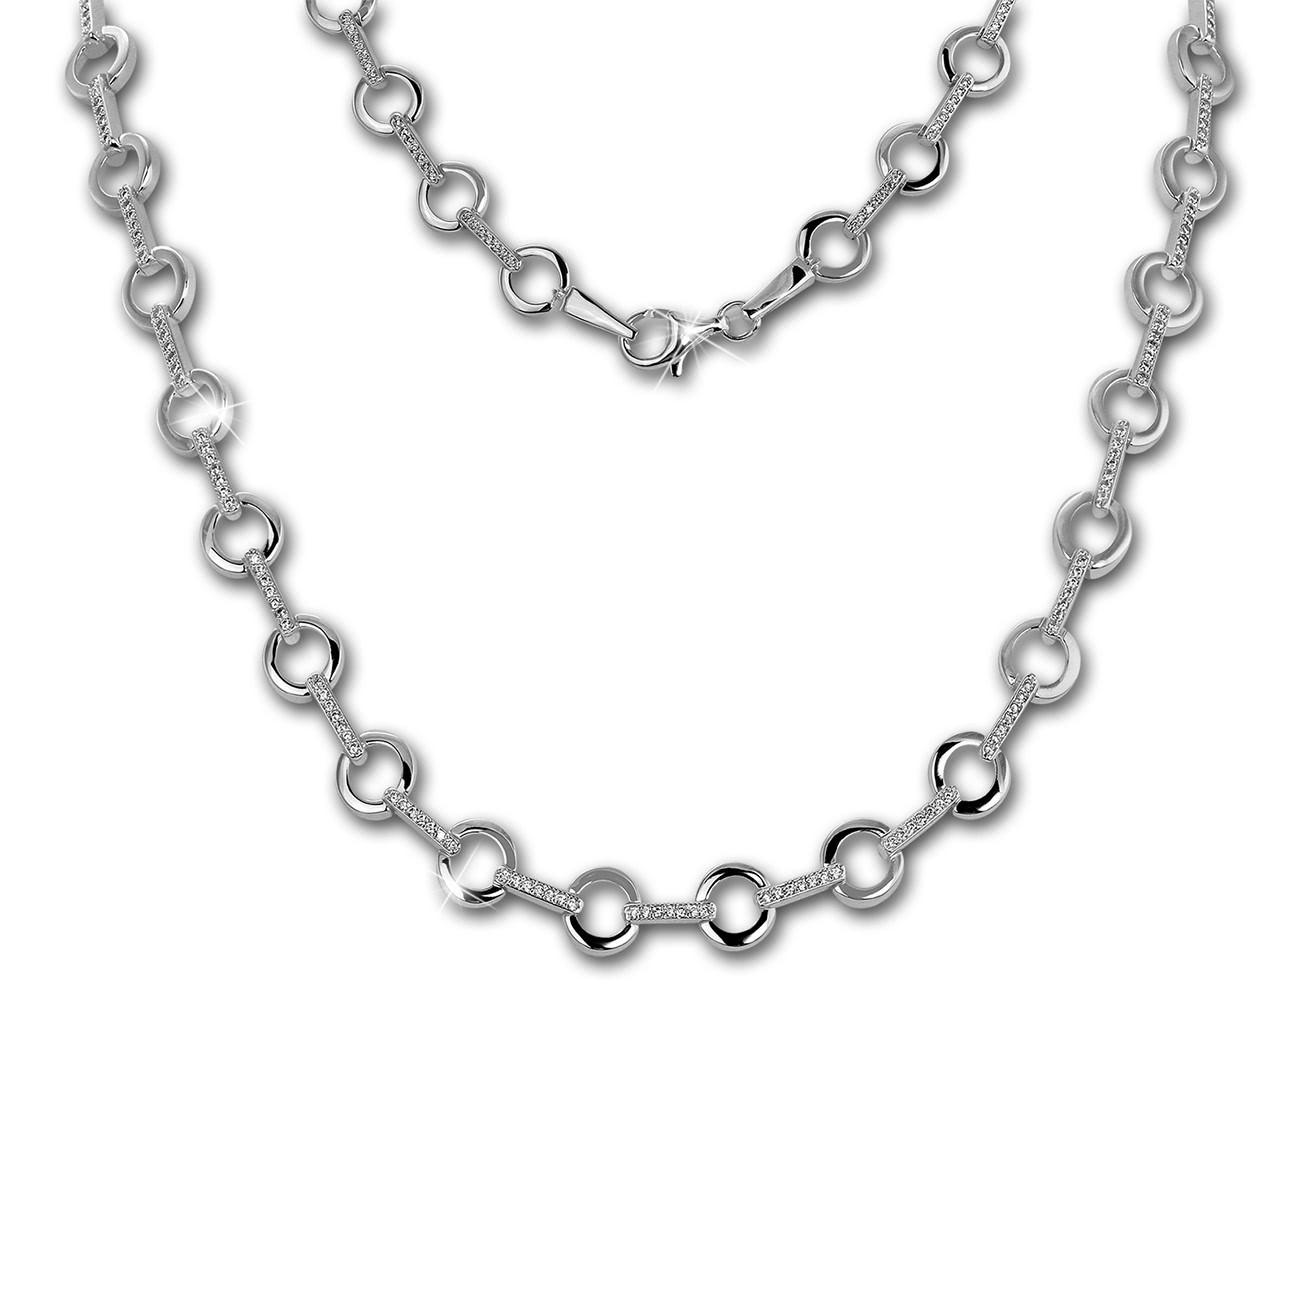 SilberDream Collier Circle Zirkonia weiß 925er Silber 45cm Halskette SDK450W